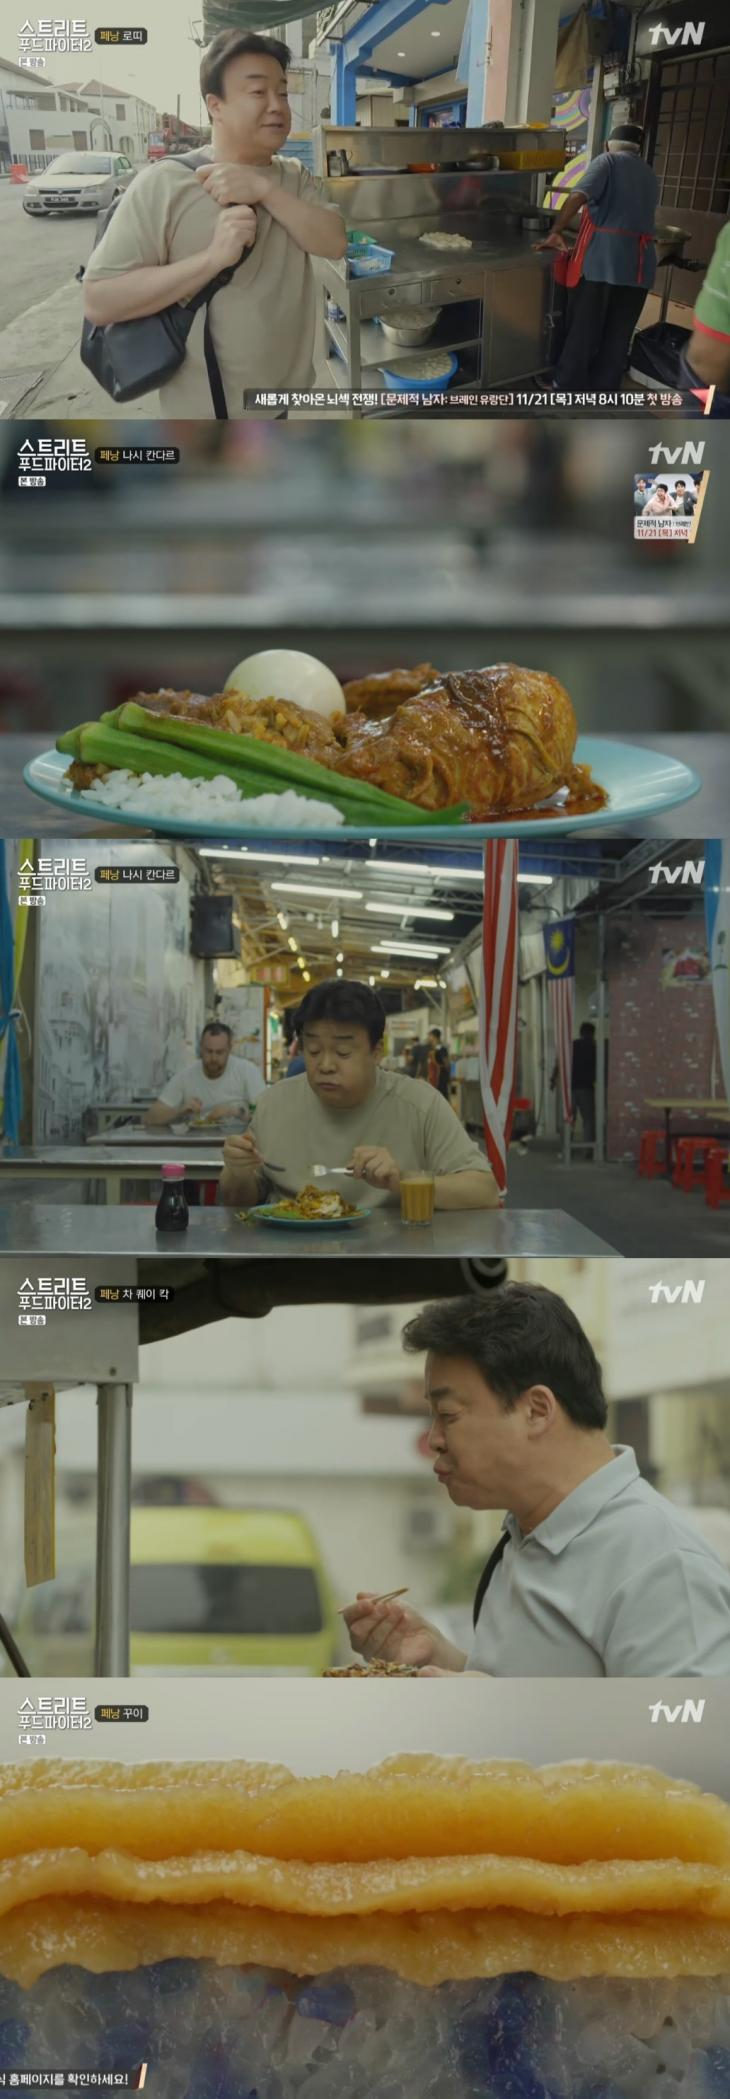 tvN 예능프로그램 '스트리트푸드파이터2'